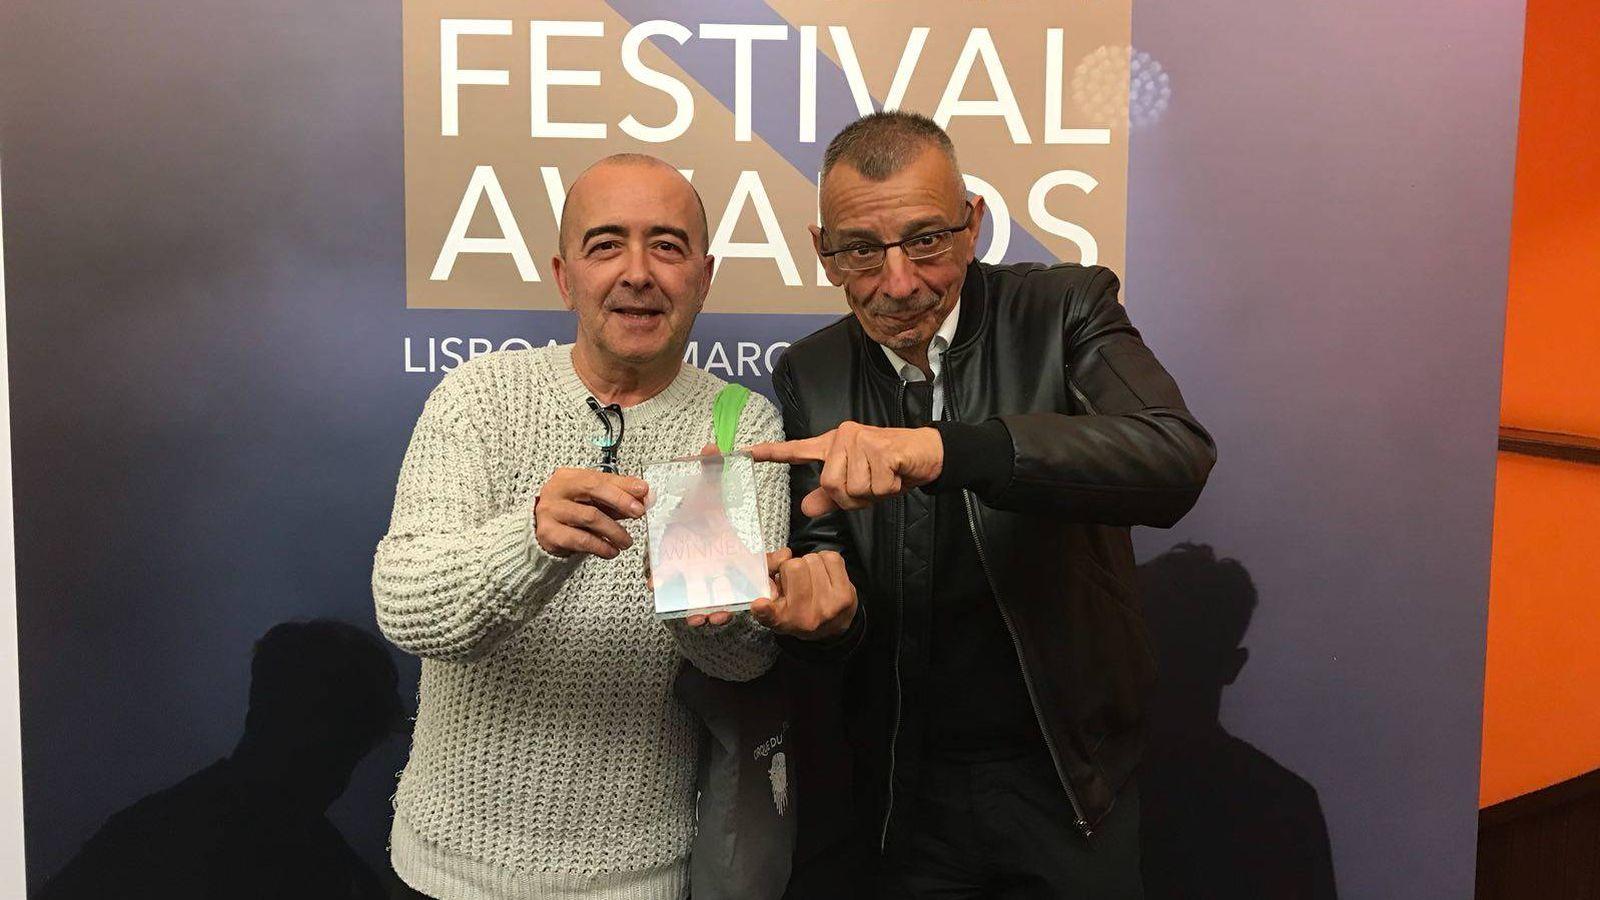 Foto: Paco Martín (izquierda) recogía el premio a Mejor Festival de Pequeño Formato de España en los Iberian Festival Awards el pasado mes de marzo (Ayuntamiento de Cartagena)